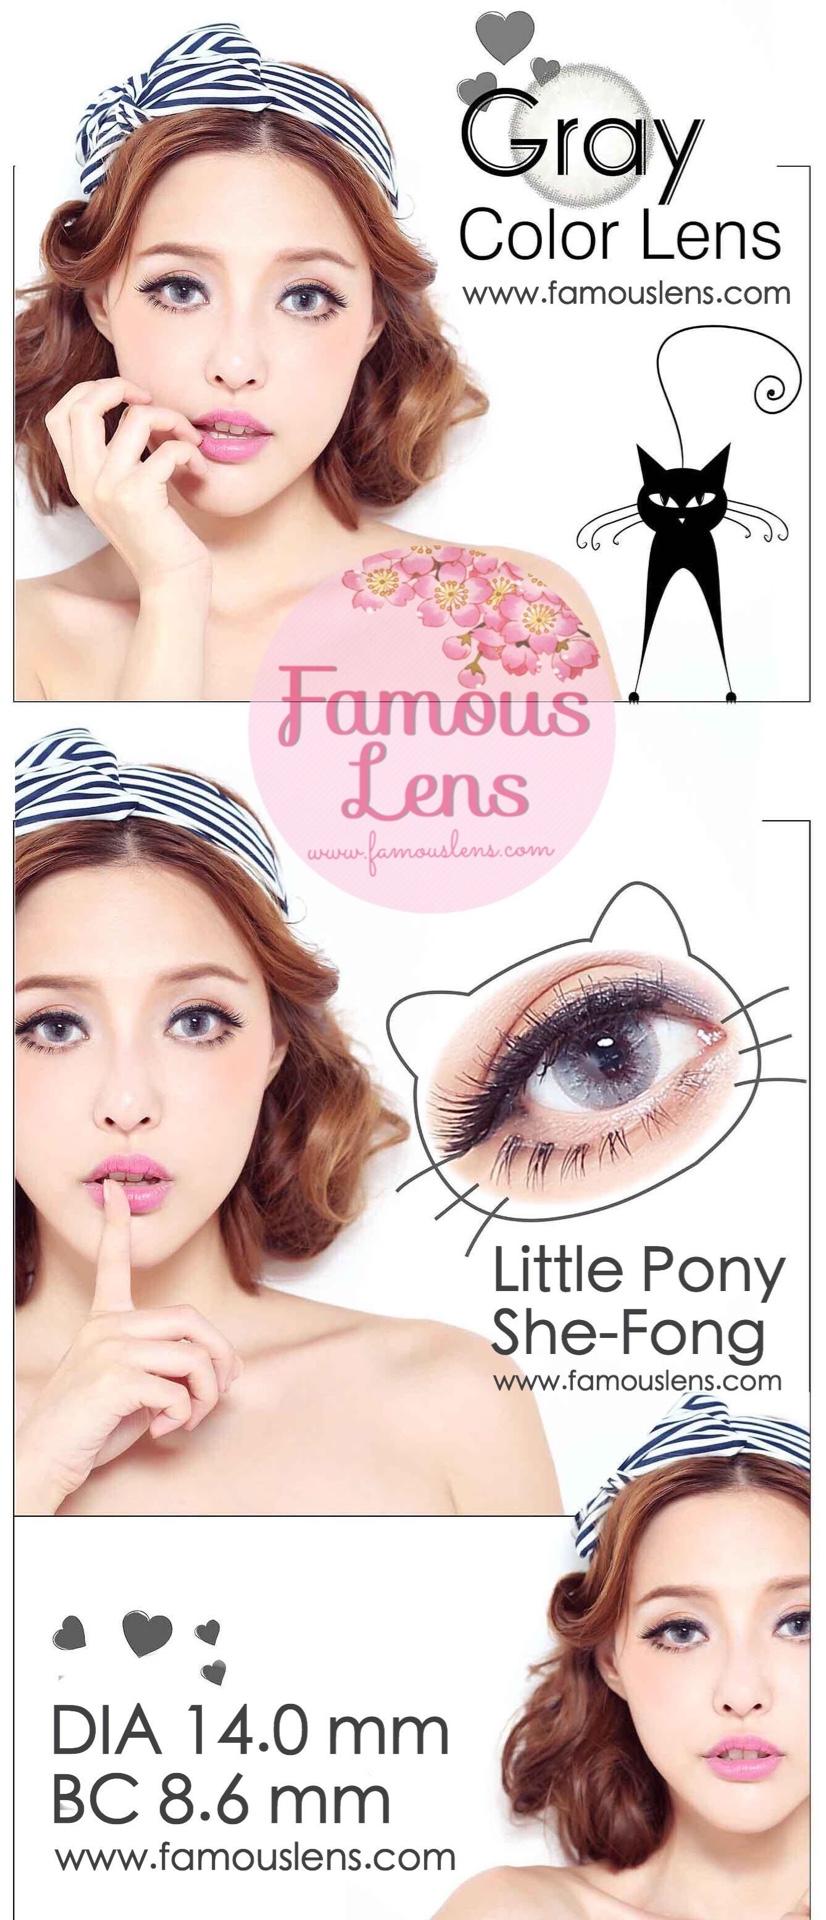 คอนแทคเลนส์สีเทา ขนาดเท่าตาจริง ไซส์มินิ คอนแทคเลนส์ตาฝรั่ง Little Pony Shefong She-Fong Famouslens Dueba Bubble